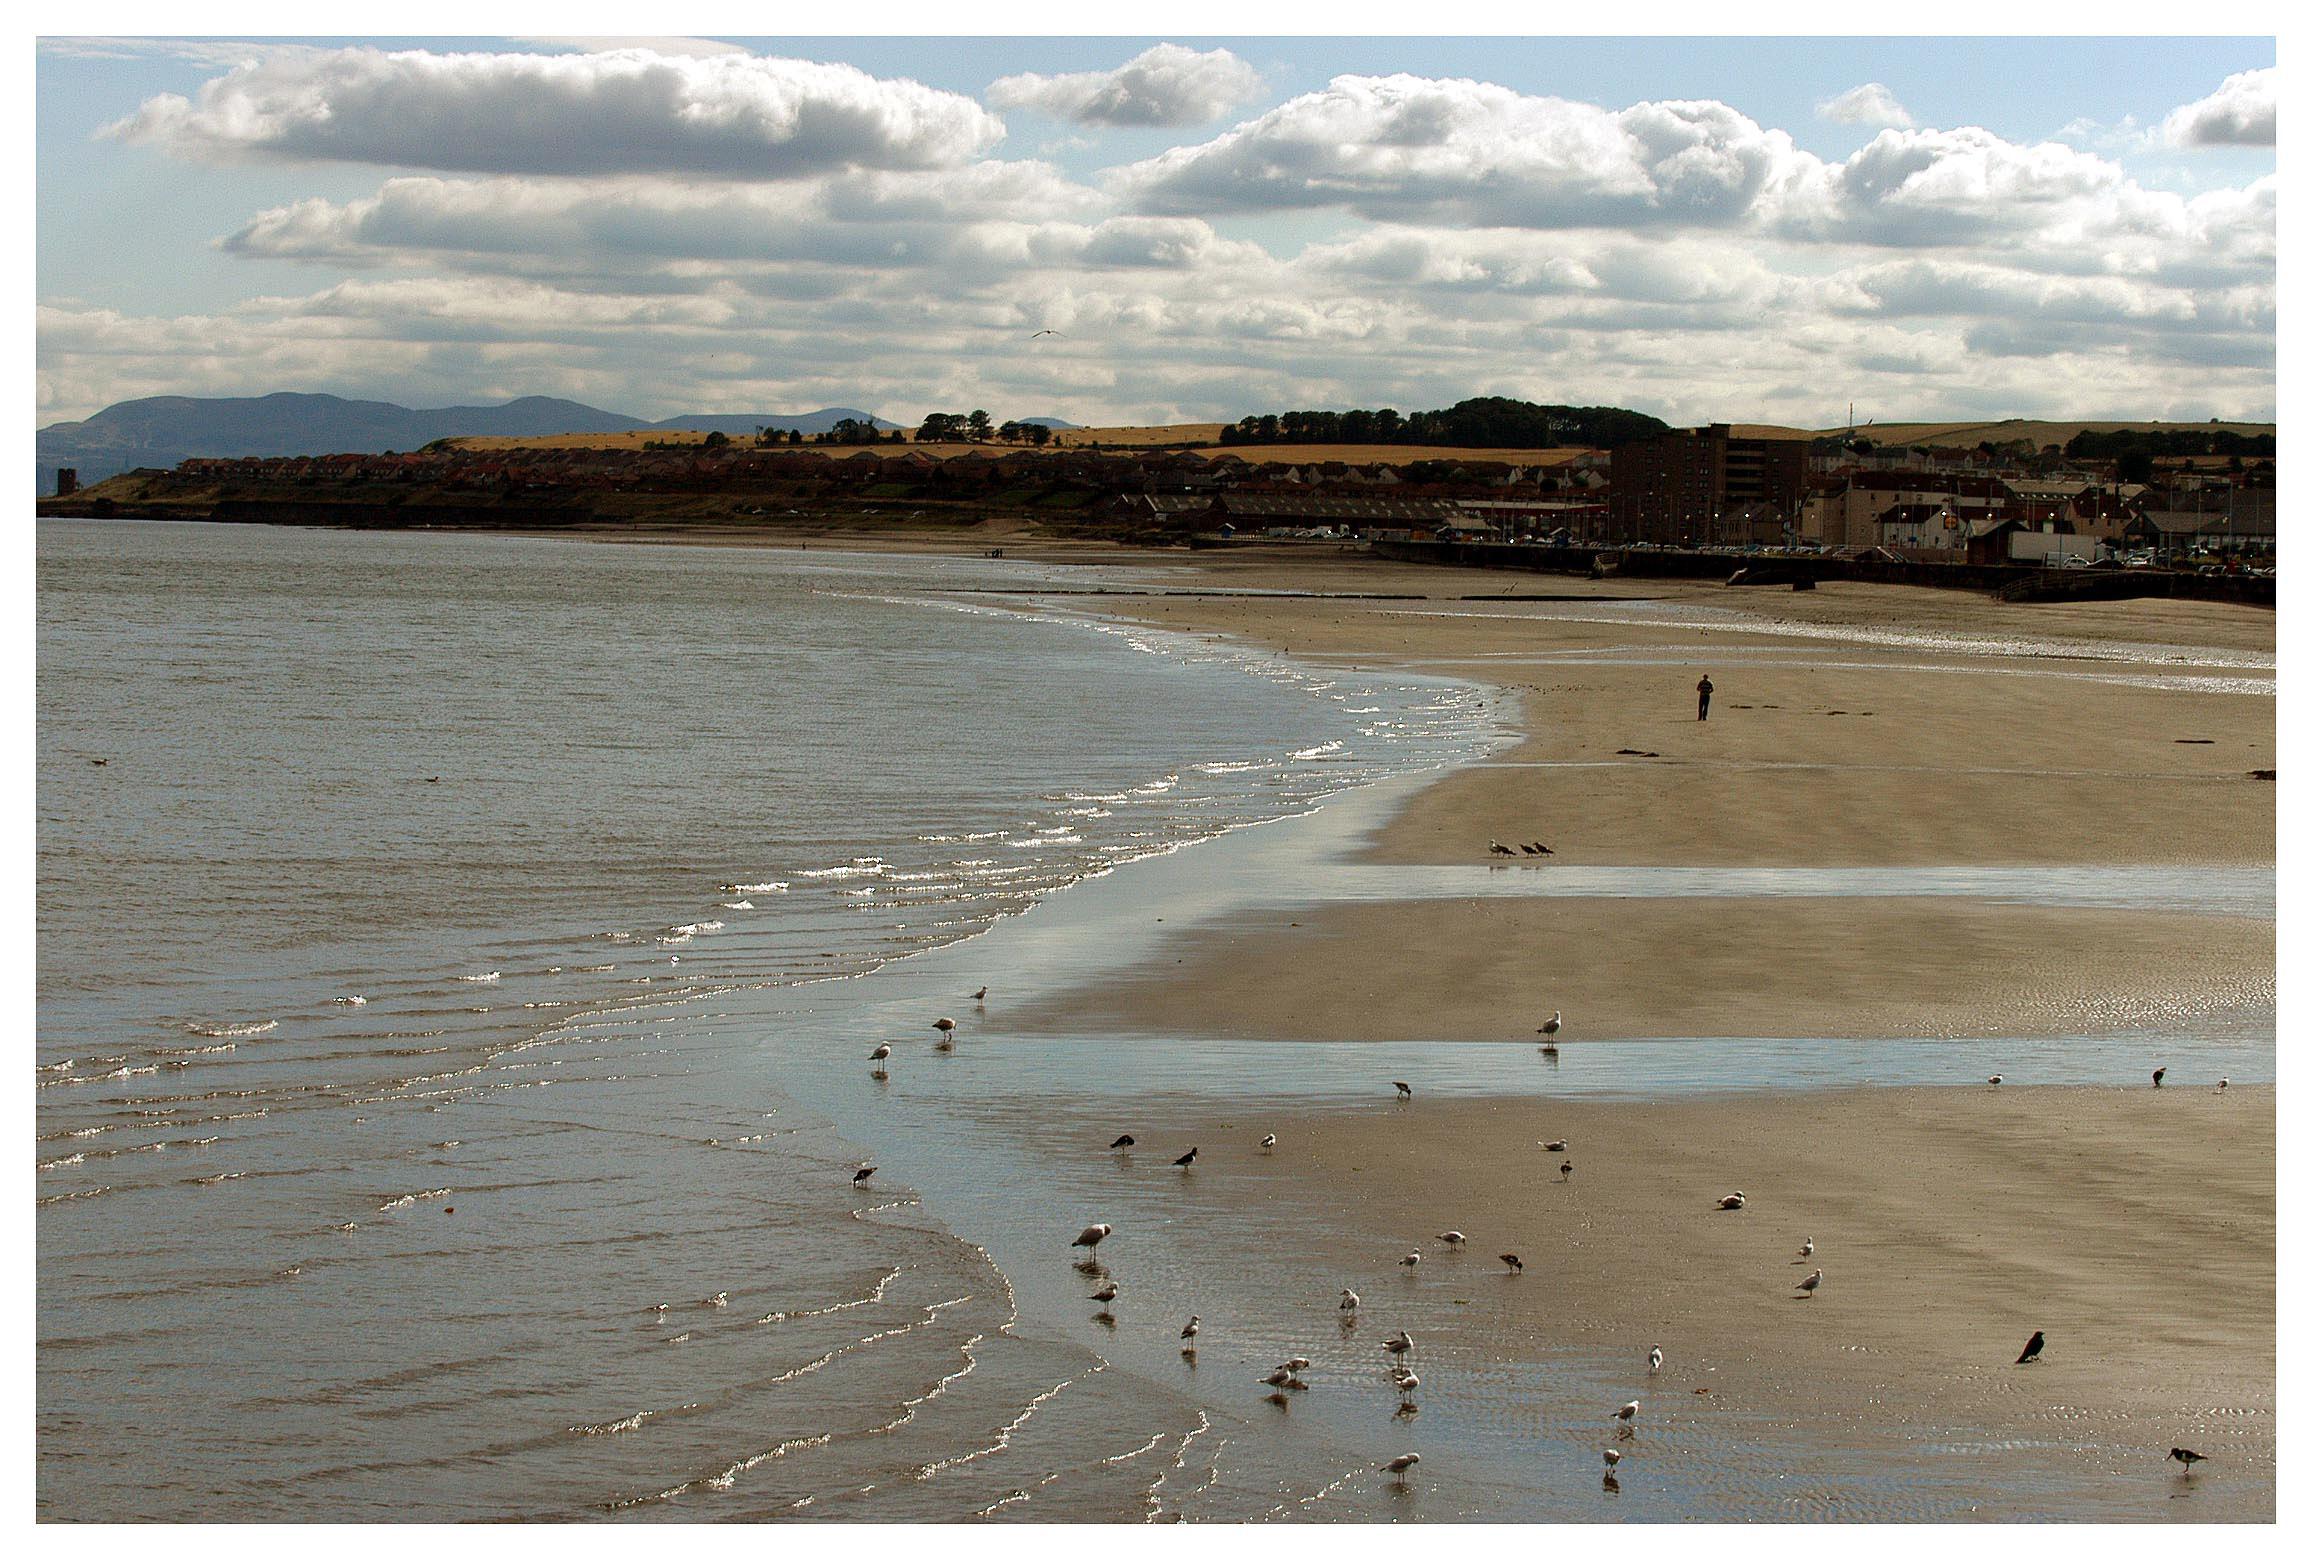 The beach at Kirkcaldy.